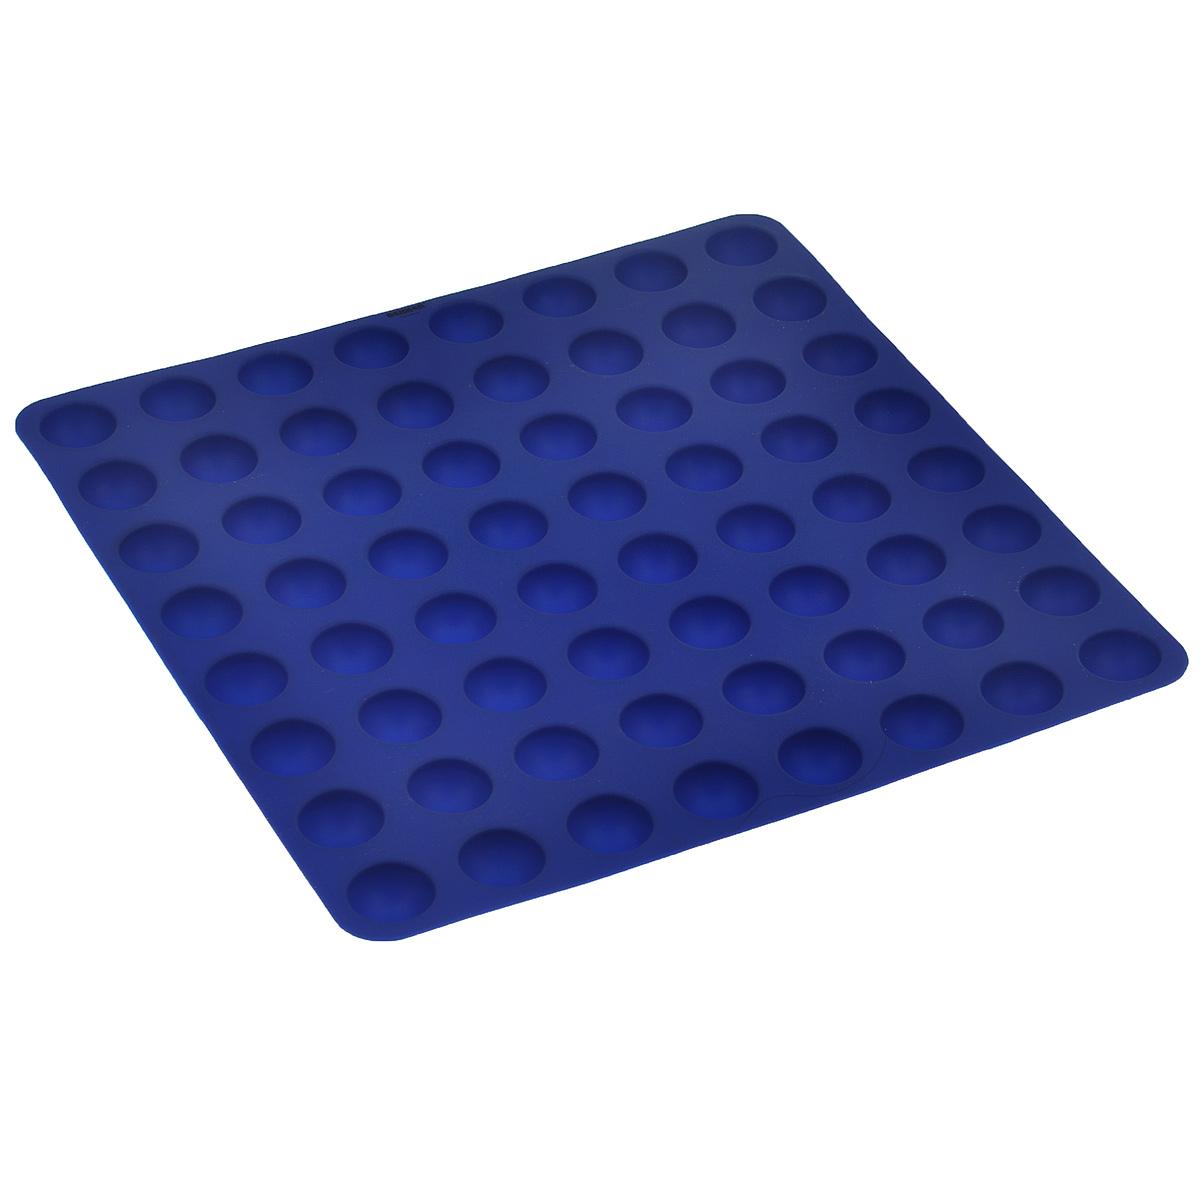 Форма для выпечки Bekker Колобки, цвет: синий, 64 ячейки391602Форма для выпечки Bekker Колобки изготовлена из силикона - материала, который выдерживает температуру от -40°С до +230°С. Изделия из силикона очень удобны в использовании: пища в них не пригорает и не прилипает к стенкам, форма легко моется. Приготовленное блюдо можно очень просто вытащить, просто перевернув форму, при этом внешний вид блюда не нарушится. Изделие обладает эластичными свойствами: складывается без изломов, восстанавливает свою первоначальную форму. Форма содержит 64 ячейки круглой формы. Порадуйте своих родных и близких любимой выпечкой. Подходит для приготовления в микроволновой печи и духовом шкафу при нагревании до +230°С; для замораживания до -40°С и чистки в посудомоечной машине. Рекомендации по использованию: - не помещайте форму непосредственно на источник тепла (открытый огонь, гриль), - не используйте нож для резки продуктов в форме, - не используйте CRISP функцию при приготовлении в микроволновой печи, - не используйте для чистки абразивные средства, скребки и щетки.